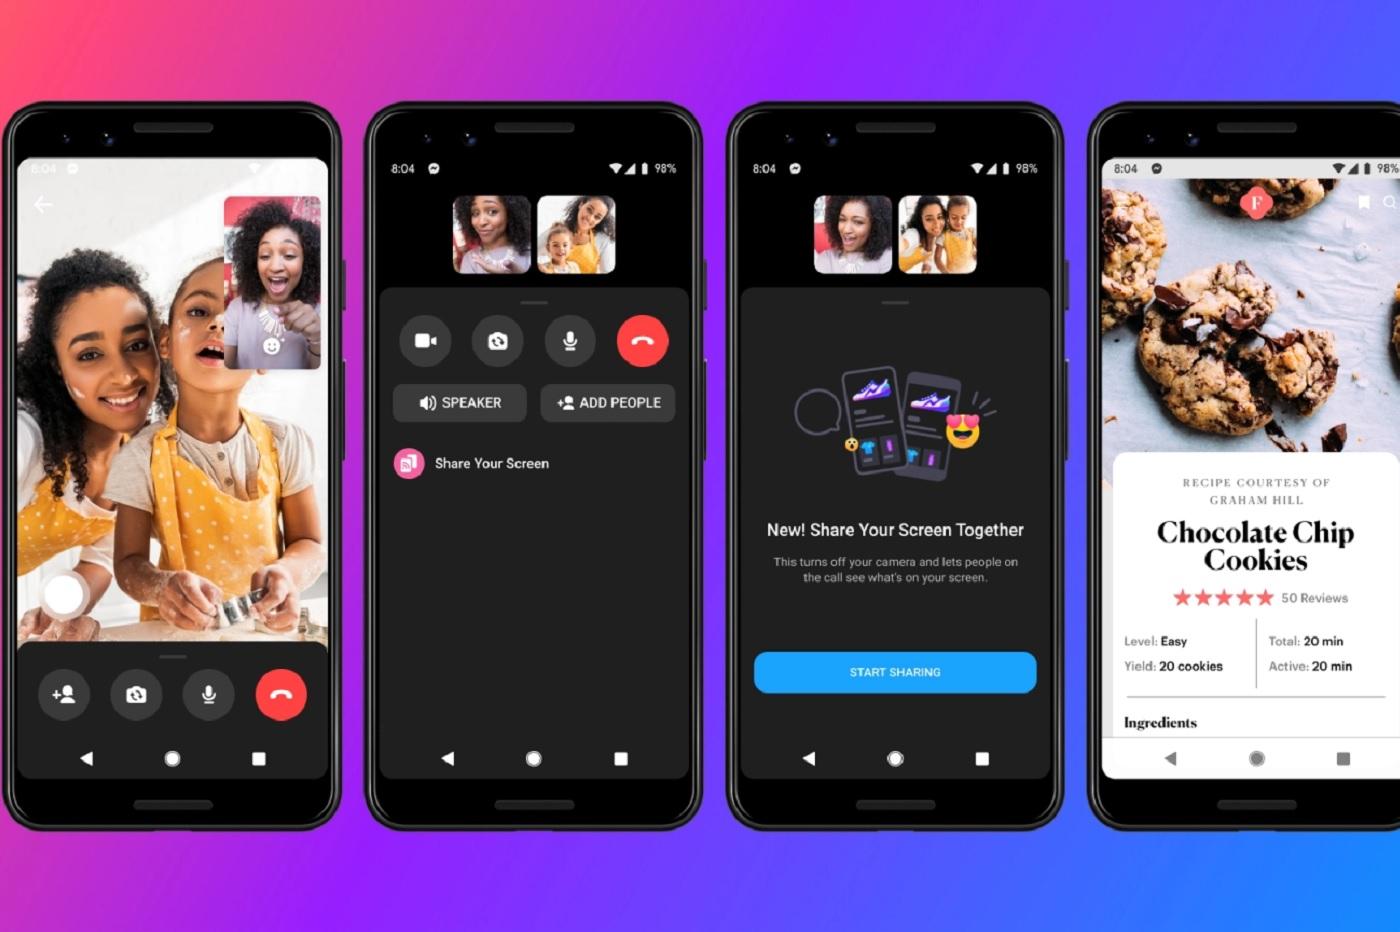 Le partage d'écran est enfin possible sur Android et iOS — Facebook Messenger